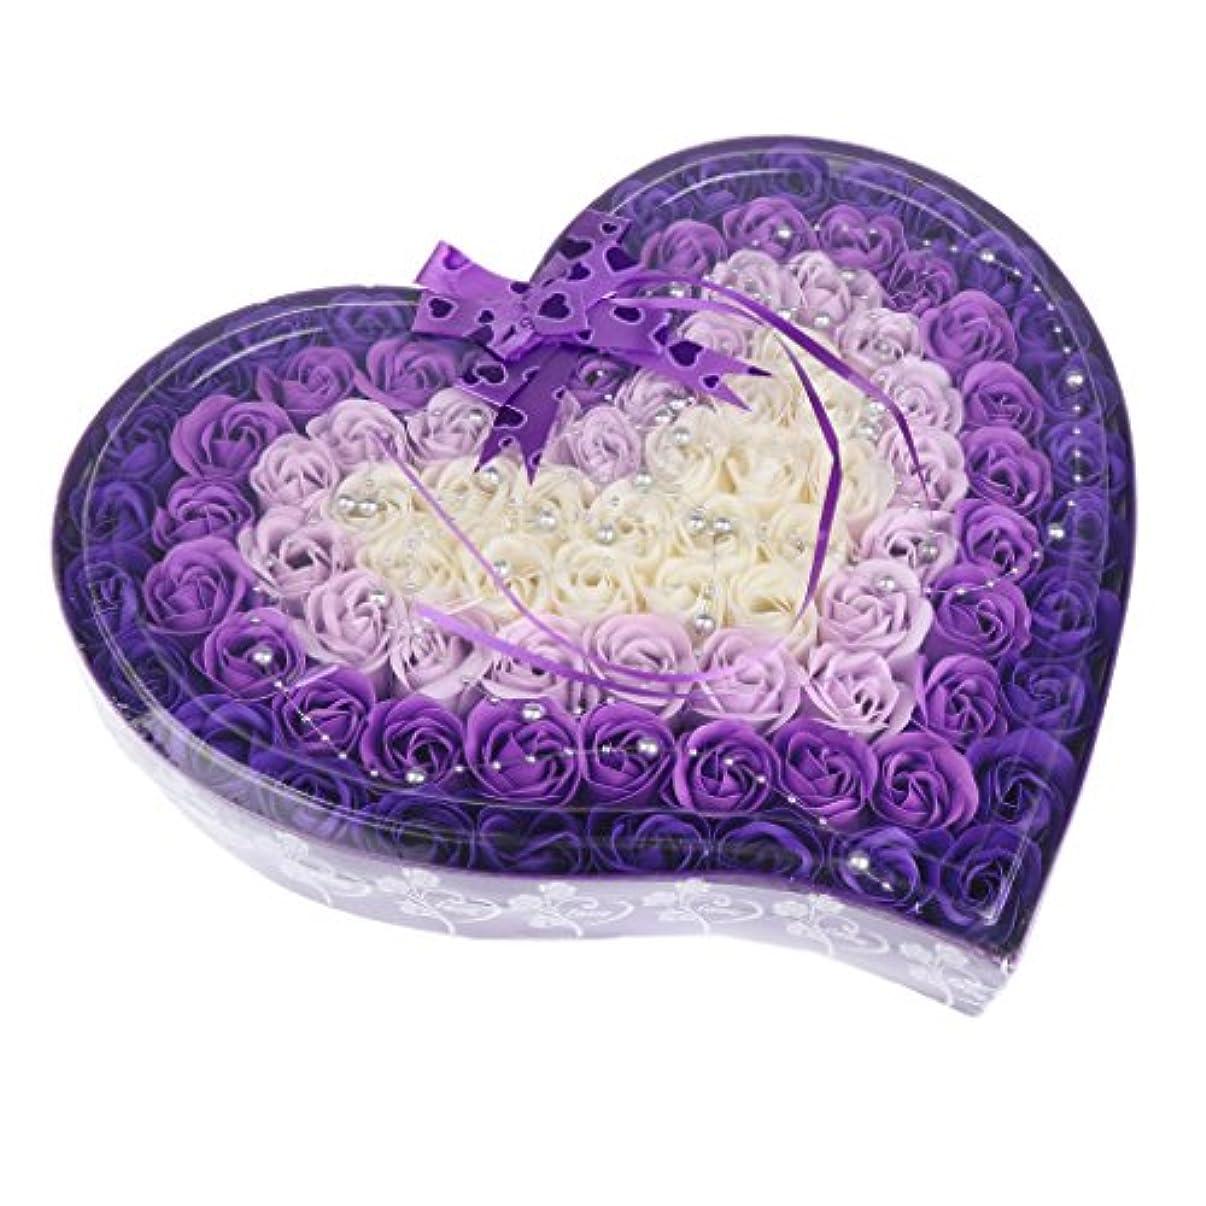 遡るファーム冷笑するFenteer ソープフラワー  約100個 心の形 ギフトボックス 石鹸の花 誕生日  プレゼント 全4色選べる - 紫